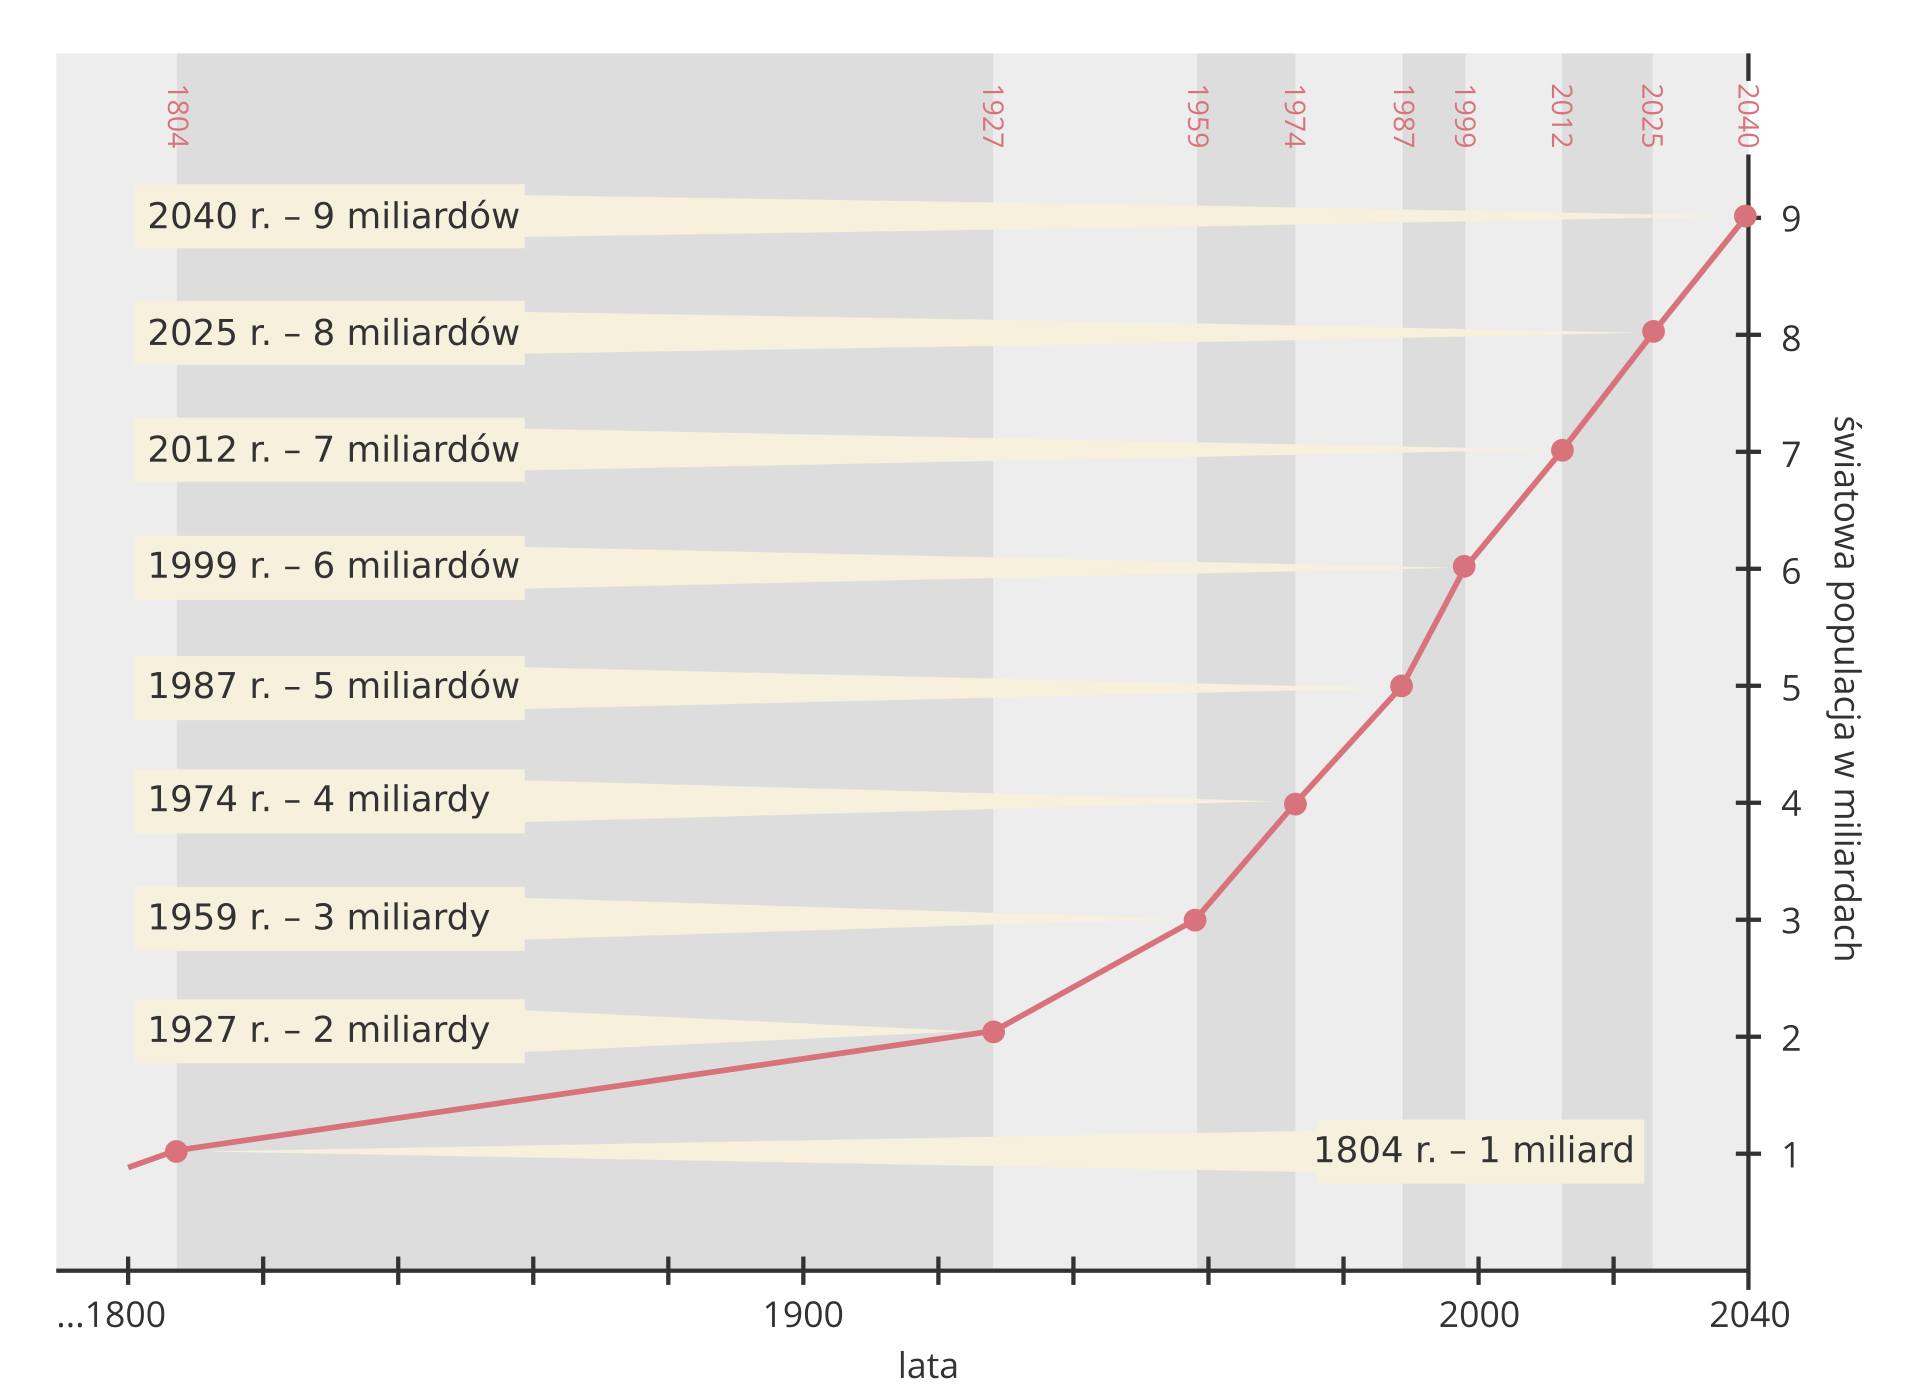 Na ilustracji wykres. Na osi pionowej liczba ludności świata wmiliardach od zera do dziewięciu. Na osi poziomej lata od tysiąc osiemset do dwa tysiące czterdzieści. Czerwona linia wykresu początkowo łagodnie, potem ostro unosi się do góry. Kropkami na wykresie oznaczono lata, wktórych liczba ludności miała dokładną liczbę jeden, dwa, trzy miliardy aż do dziewięciu.